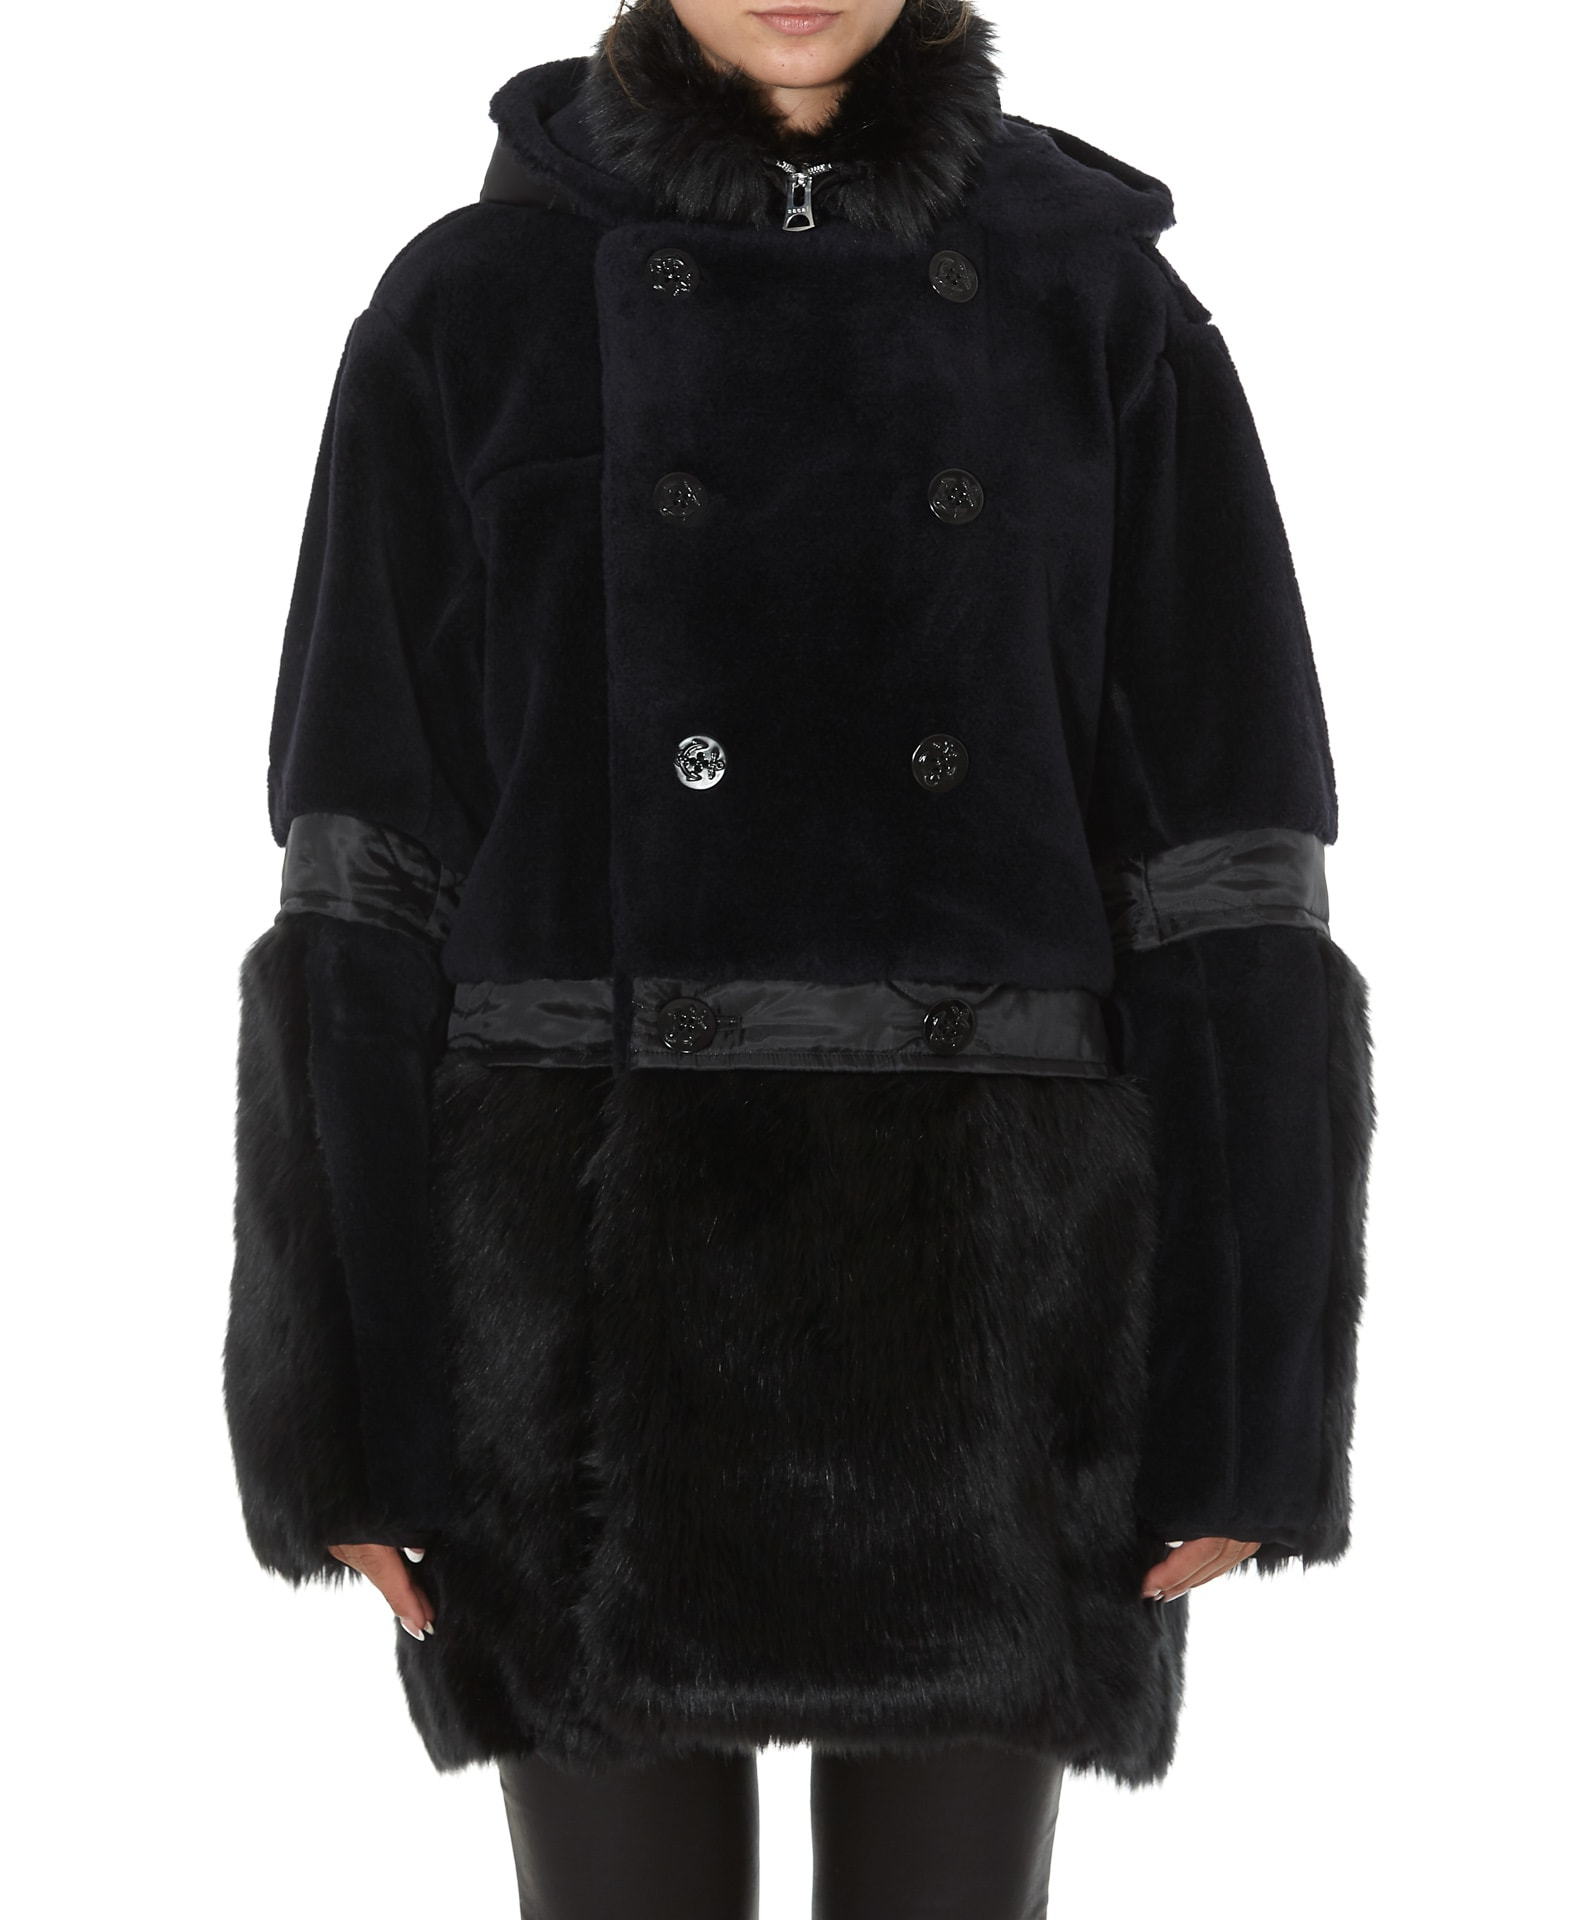 Sacai Faux Fur Coat